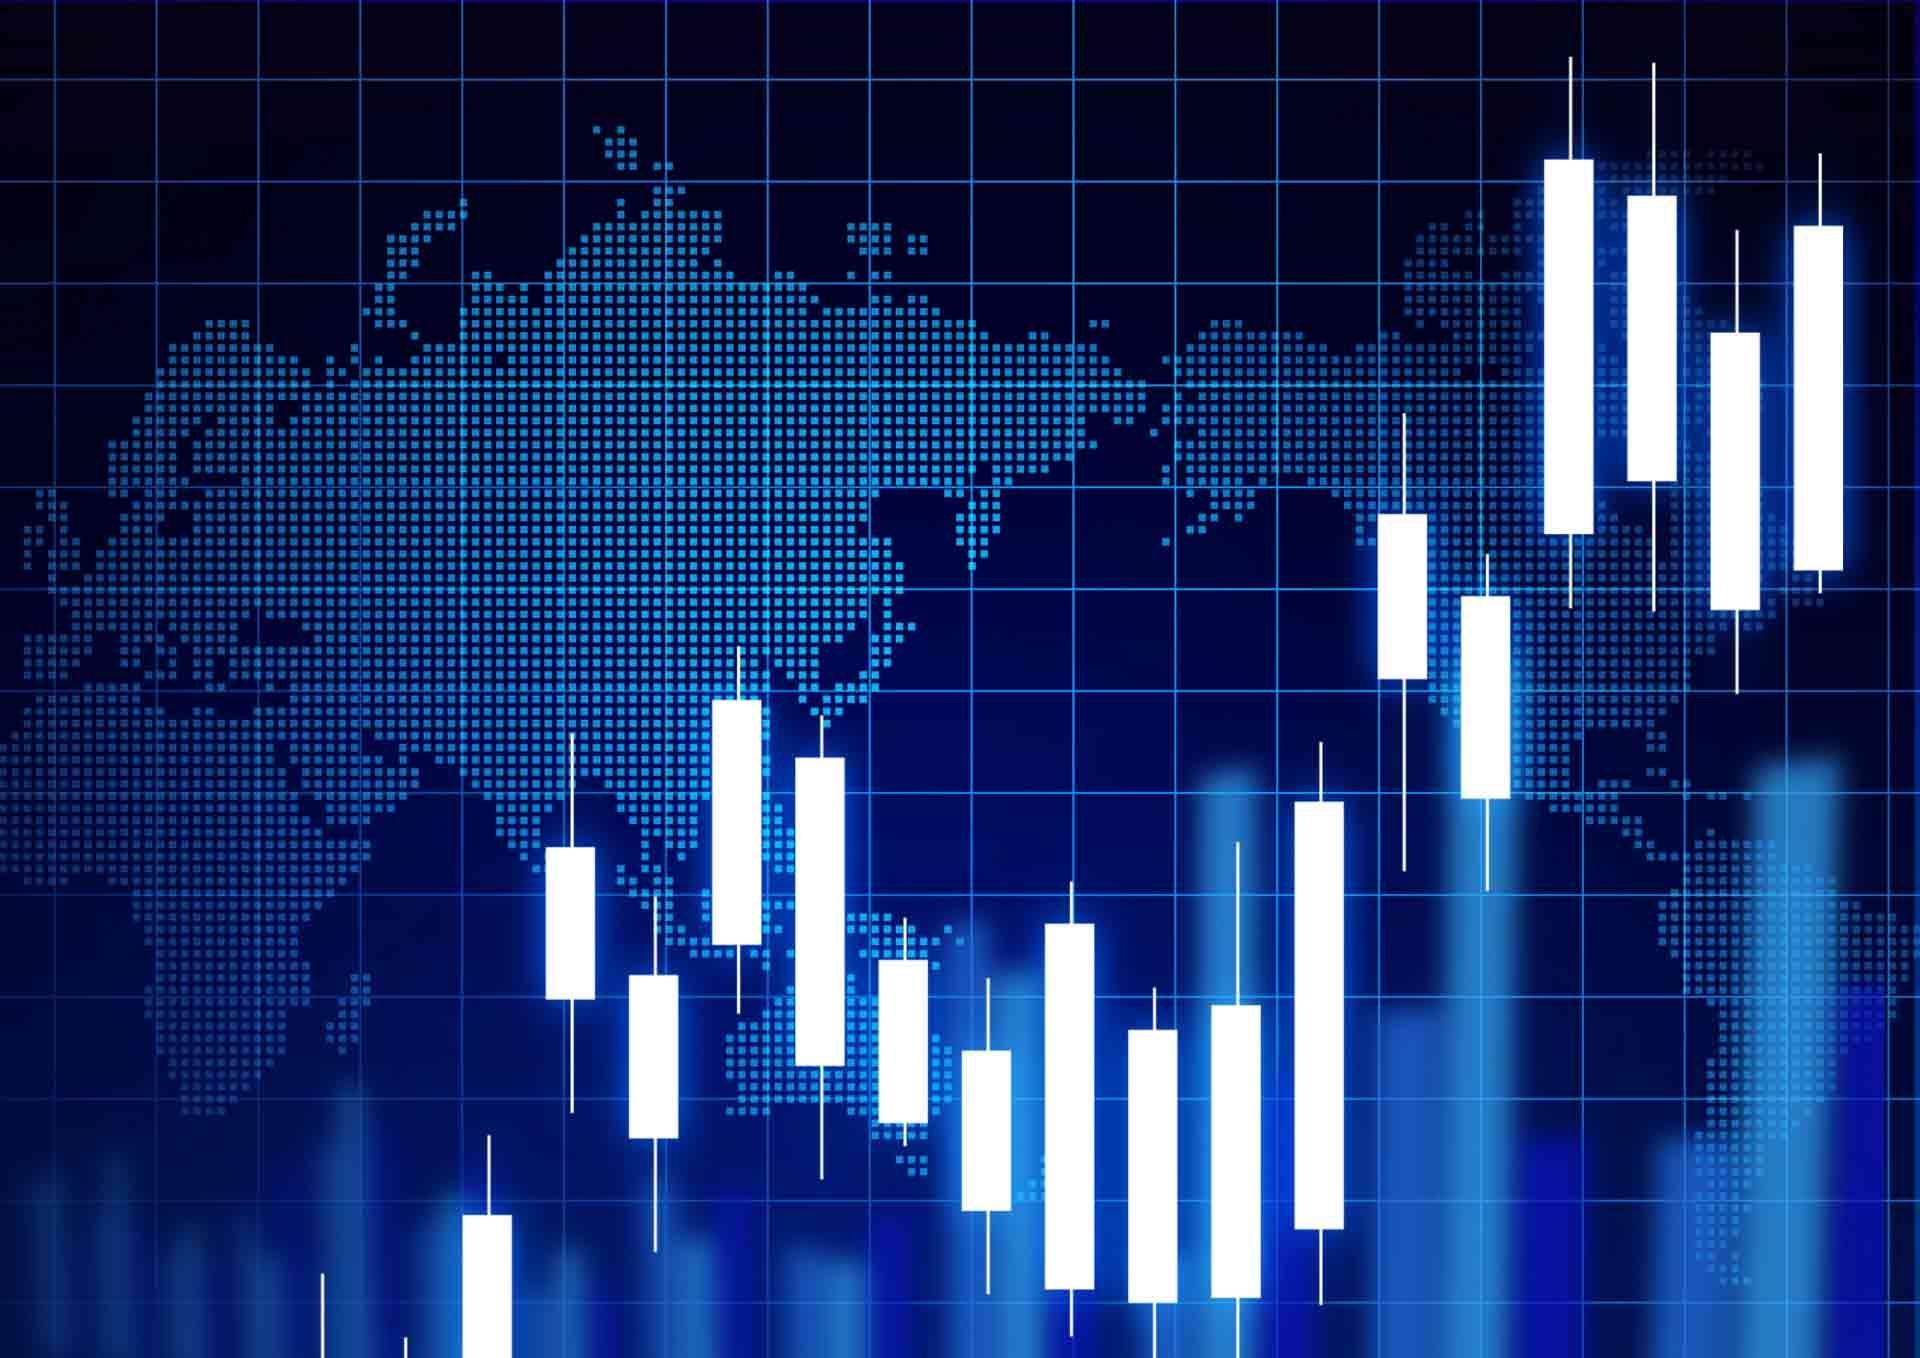 株価チャートのイメージ